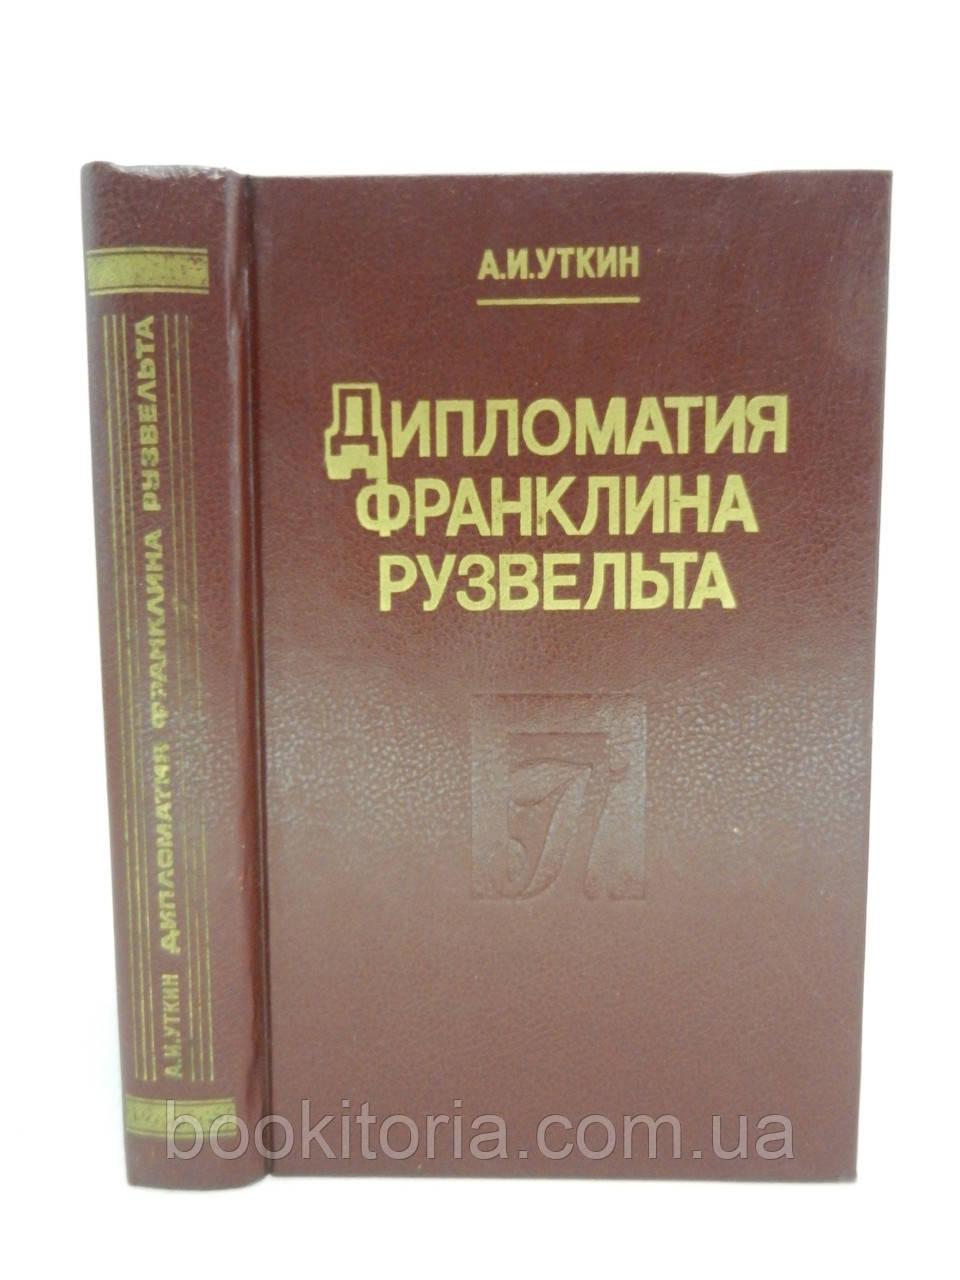 Уткин А.И. Дипломатия Франклина Рузвельта (б/у).